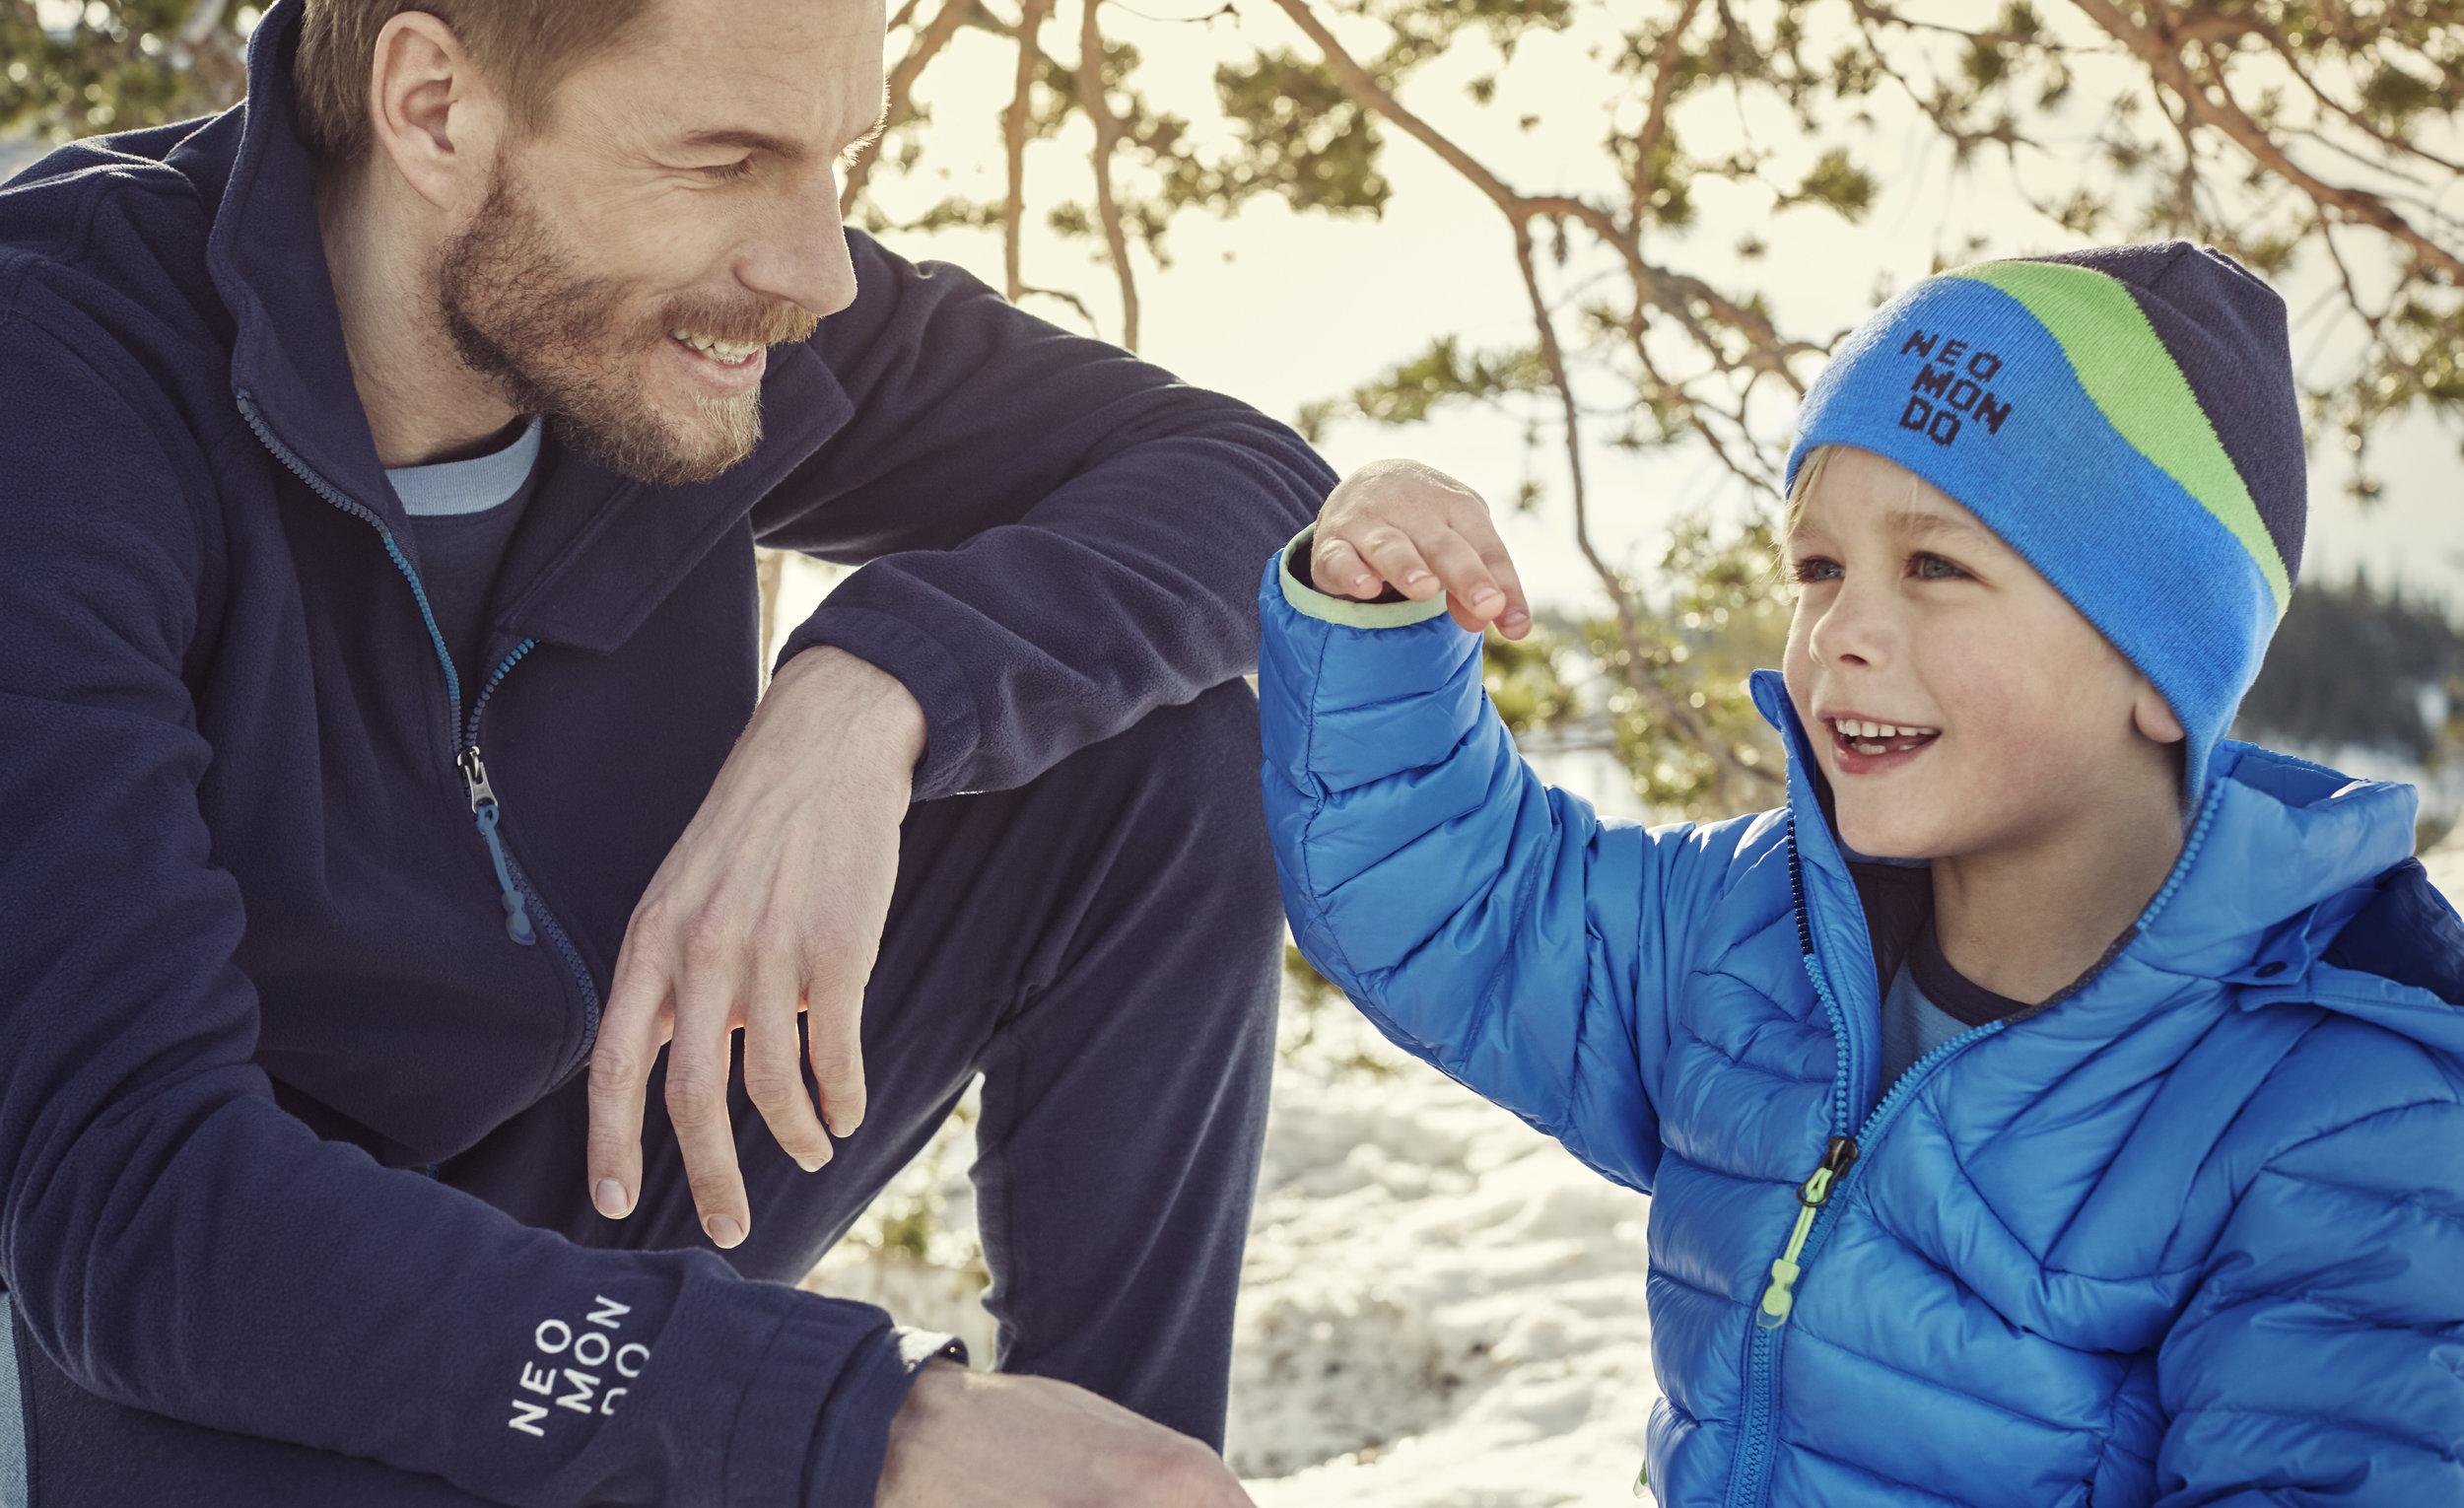 Neomondo / XXL Outdoor Lifestyle Sports Campaign